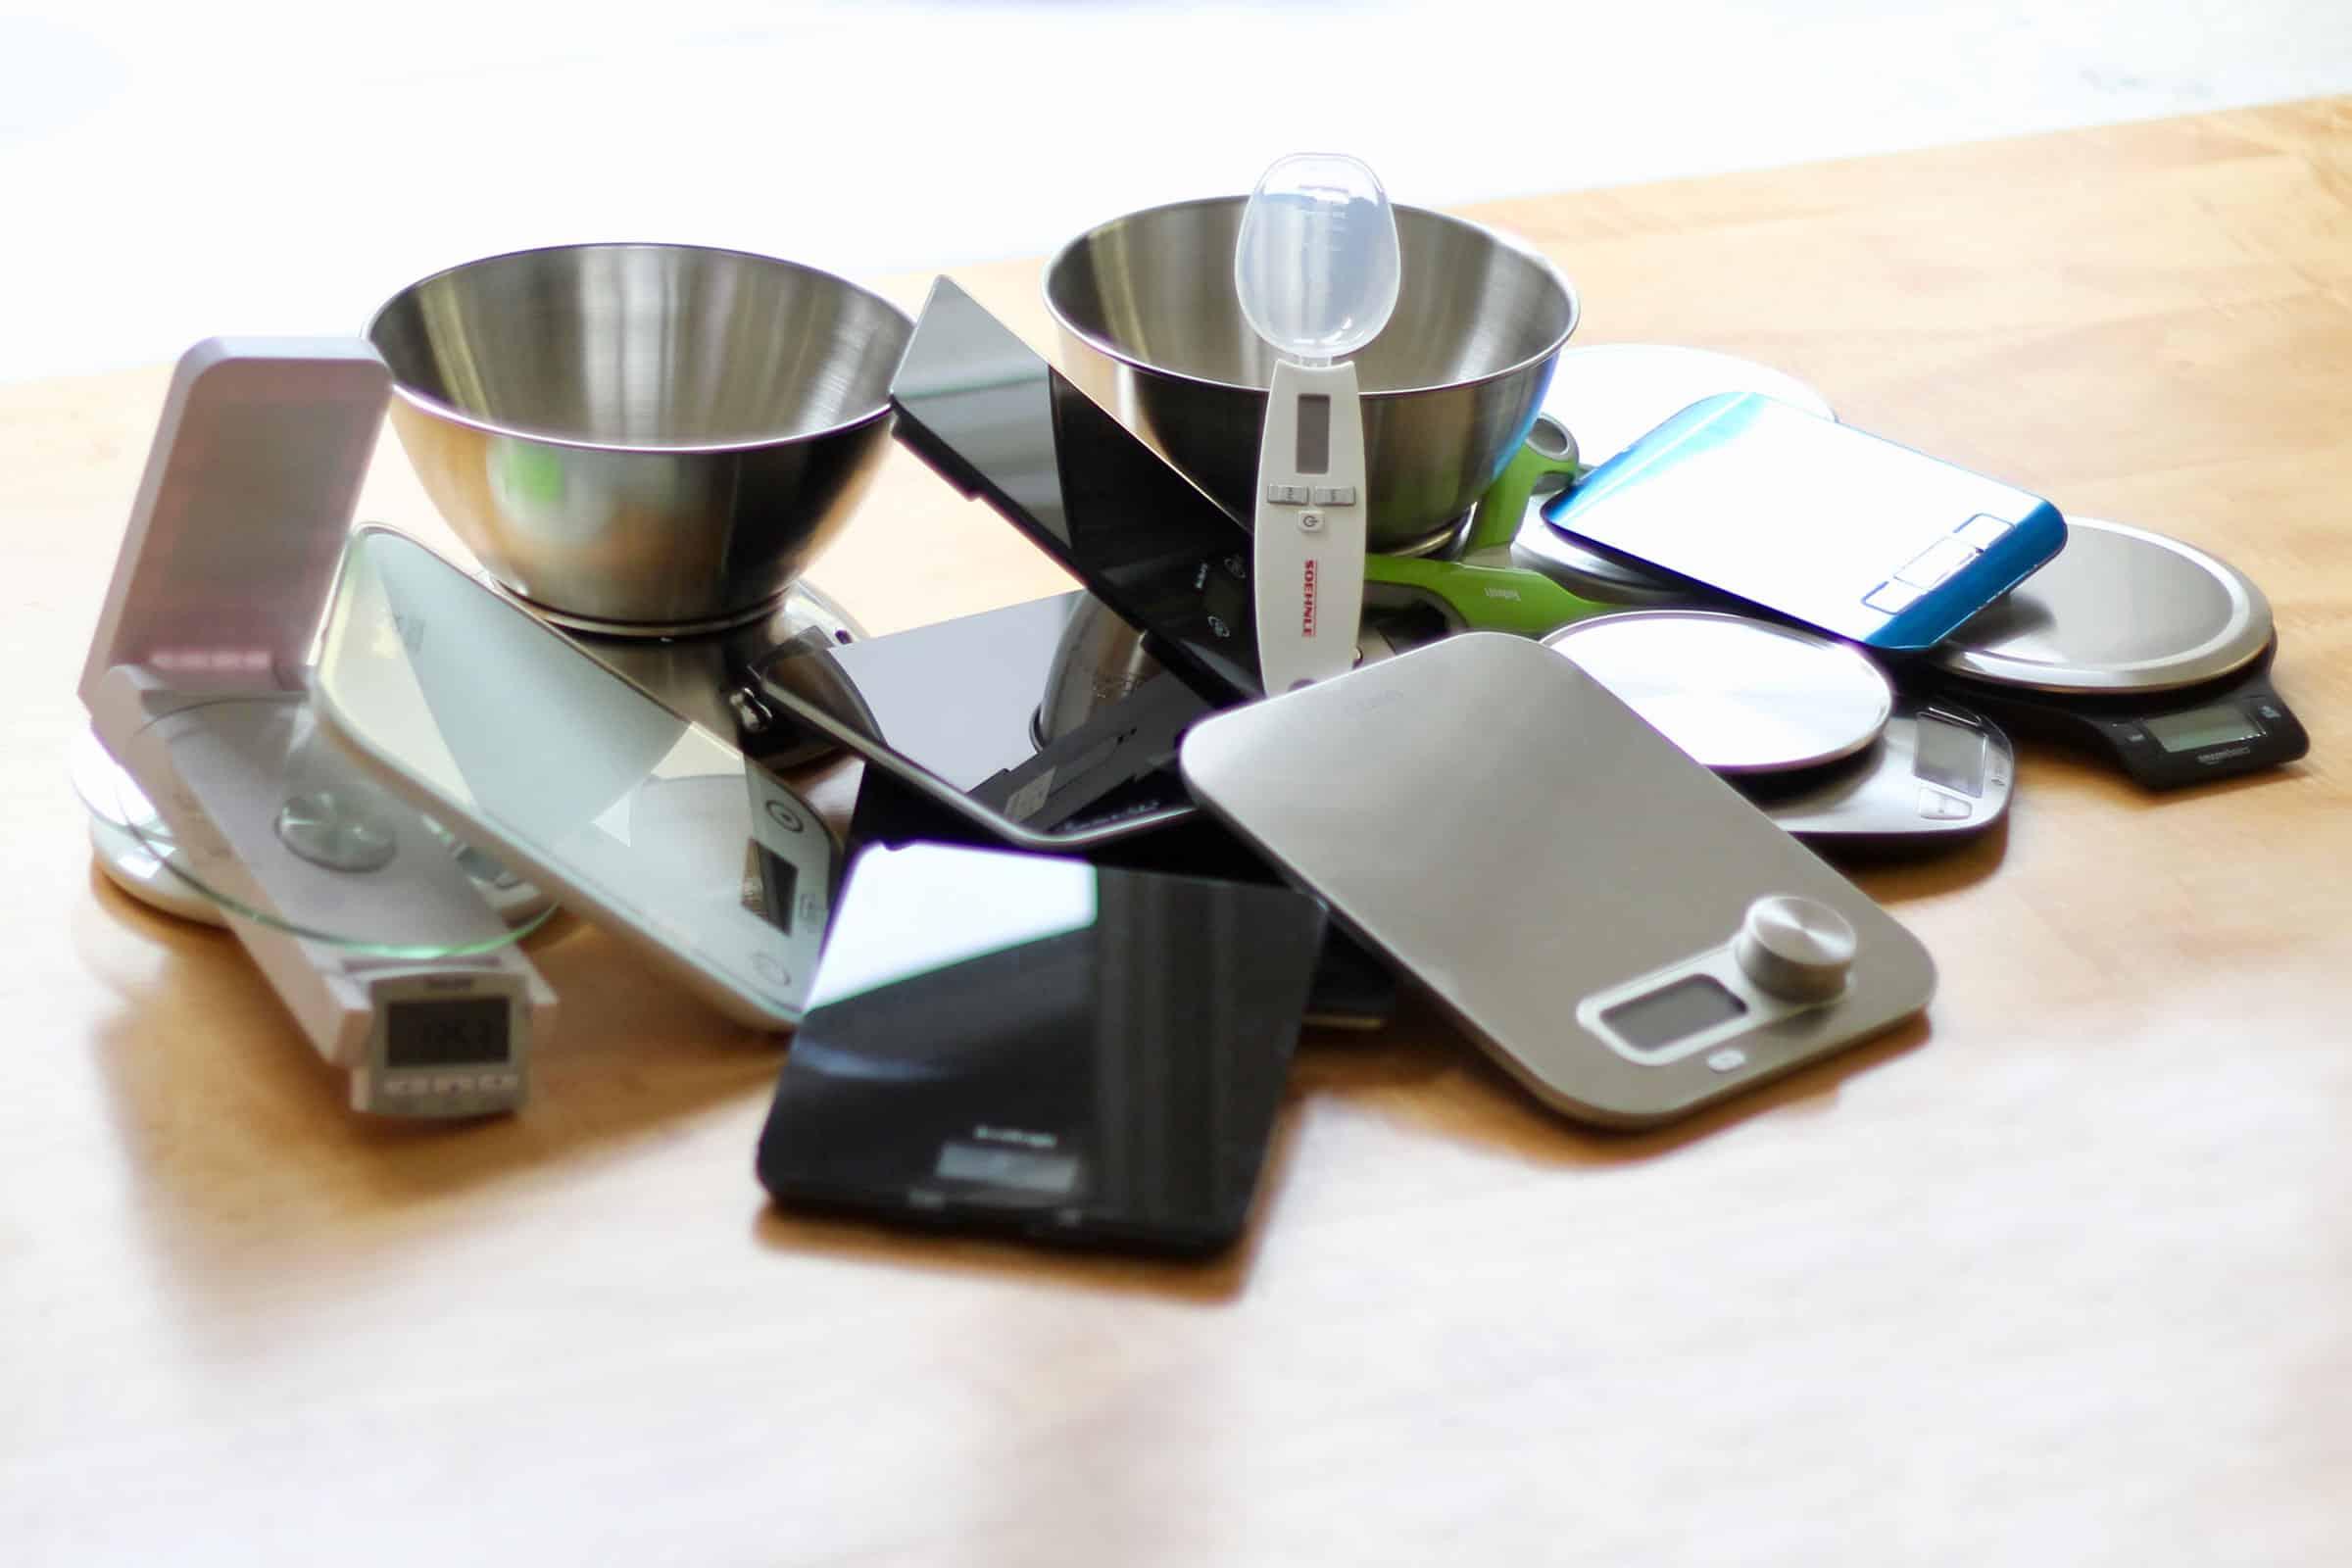 Ziemlich Küche Entwirft Neuseeland Fotos - Ideen Für Die Küche ...